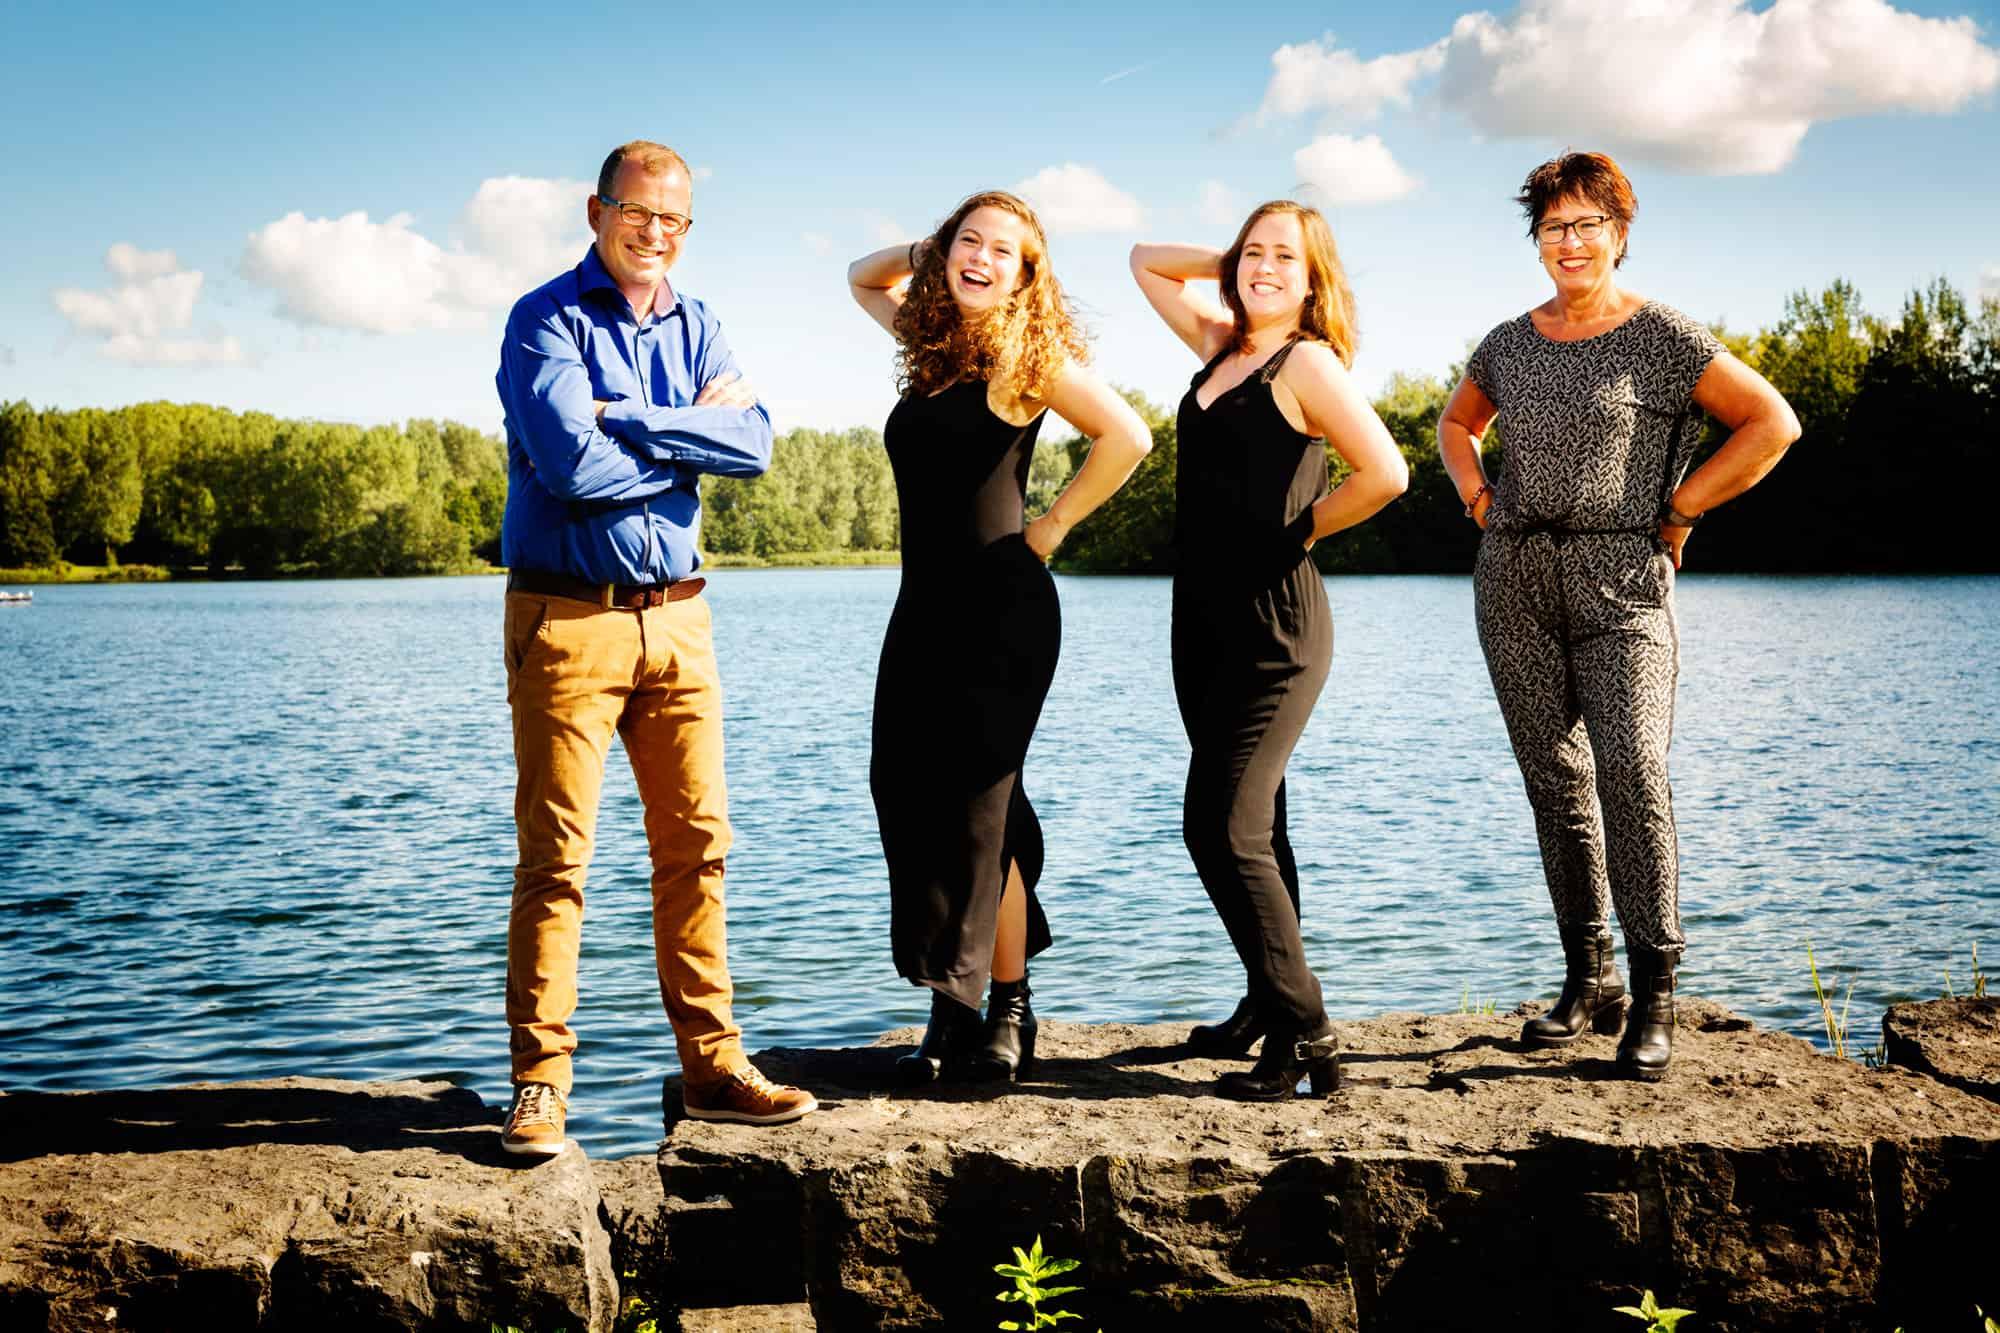 fotoshoot Hoofddorp Haarlemmermeerse Bos fotografie familie gezin